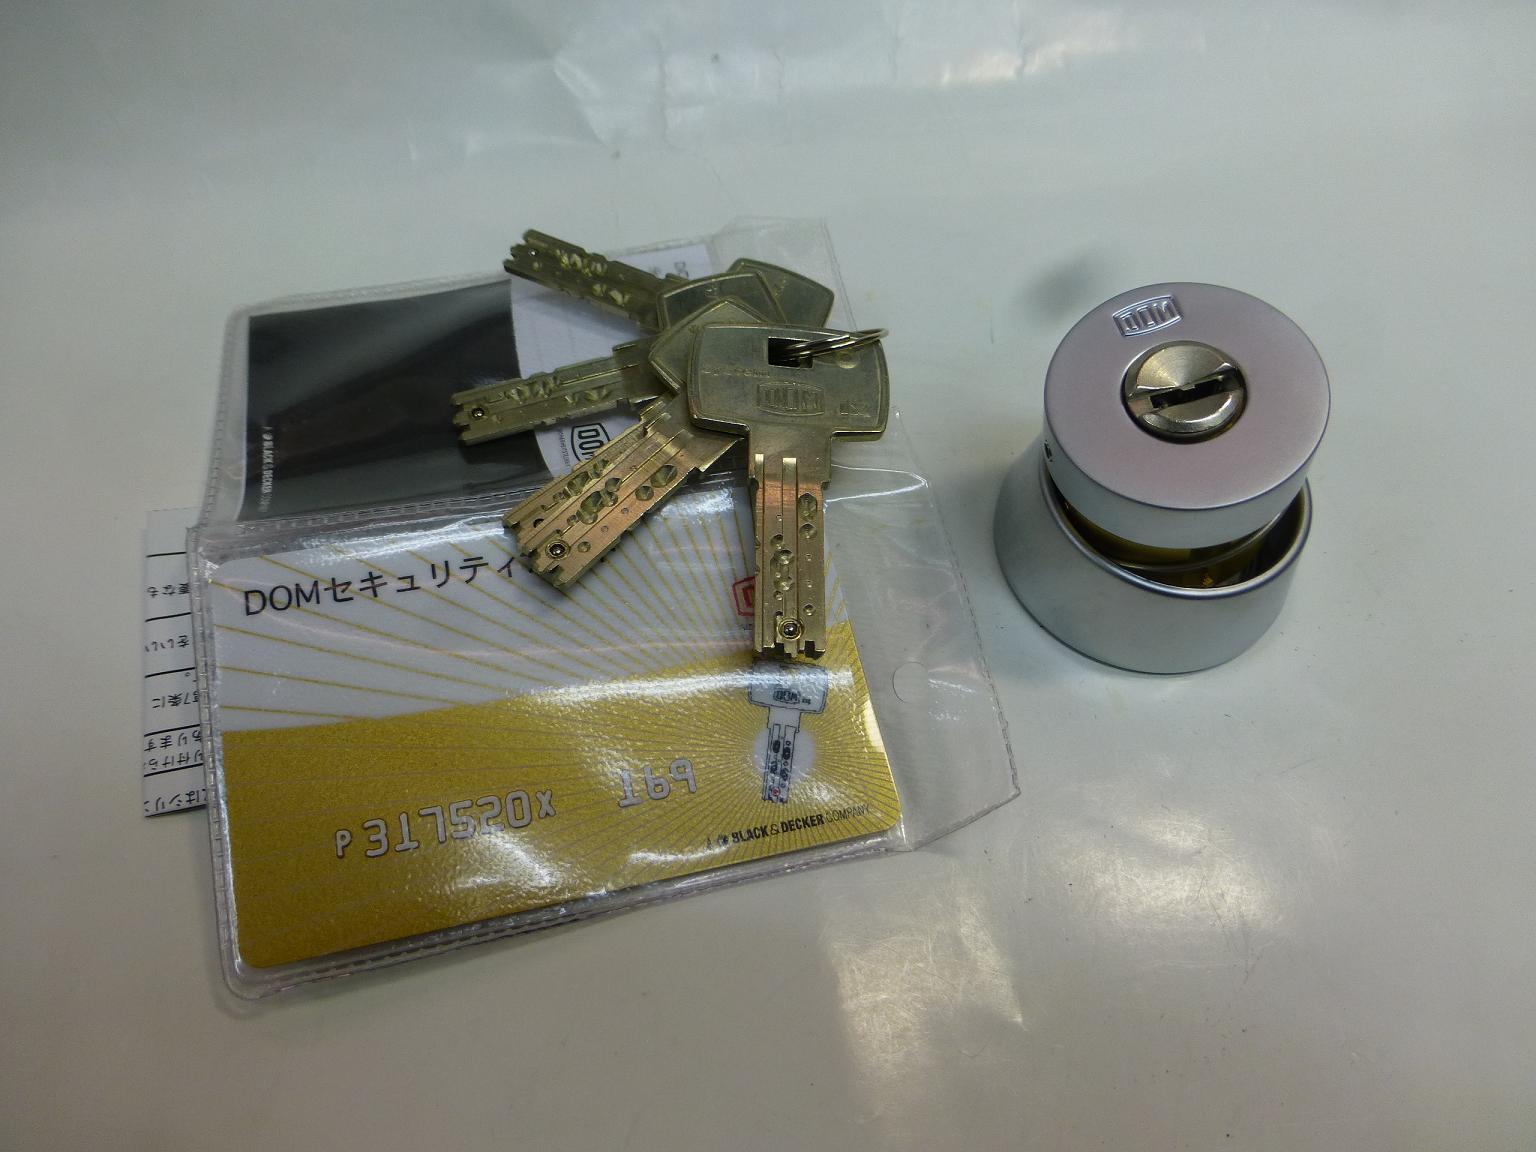 DOMシリンダー 1X10KG MIWA BH 対応